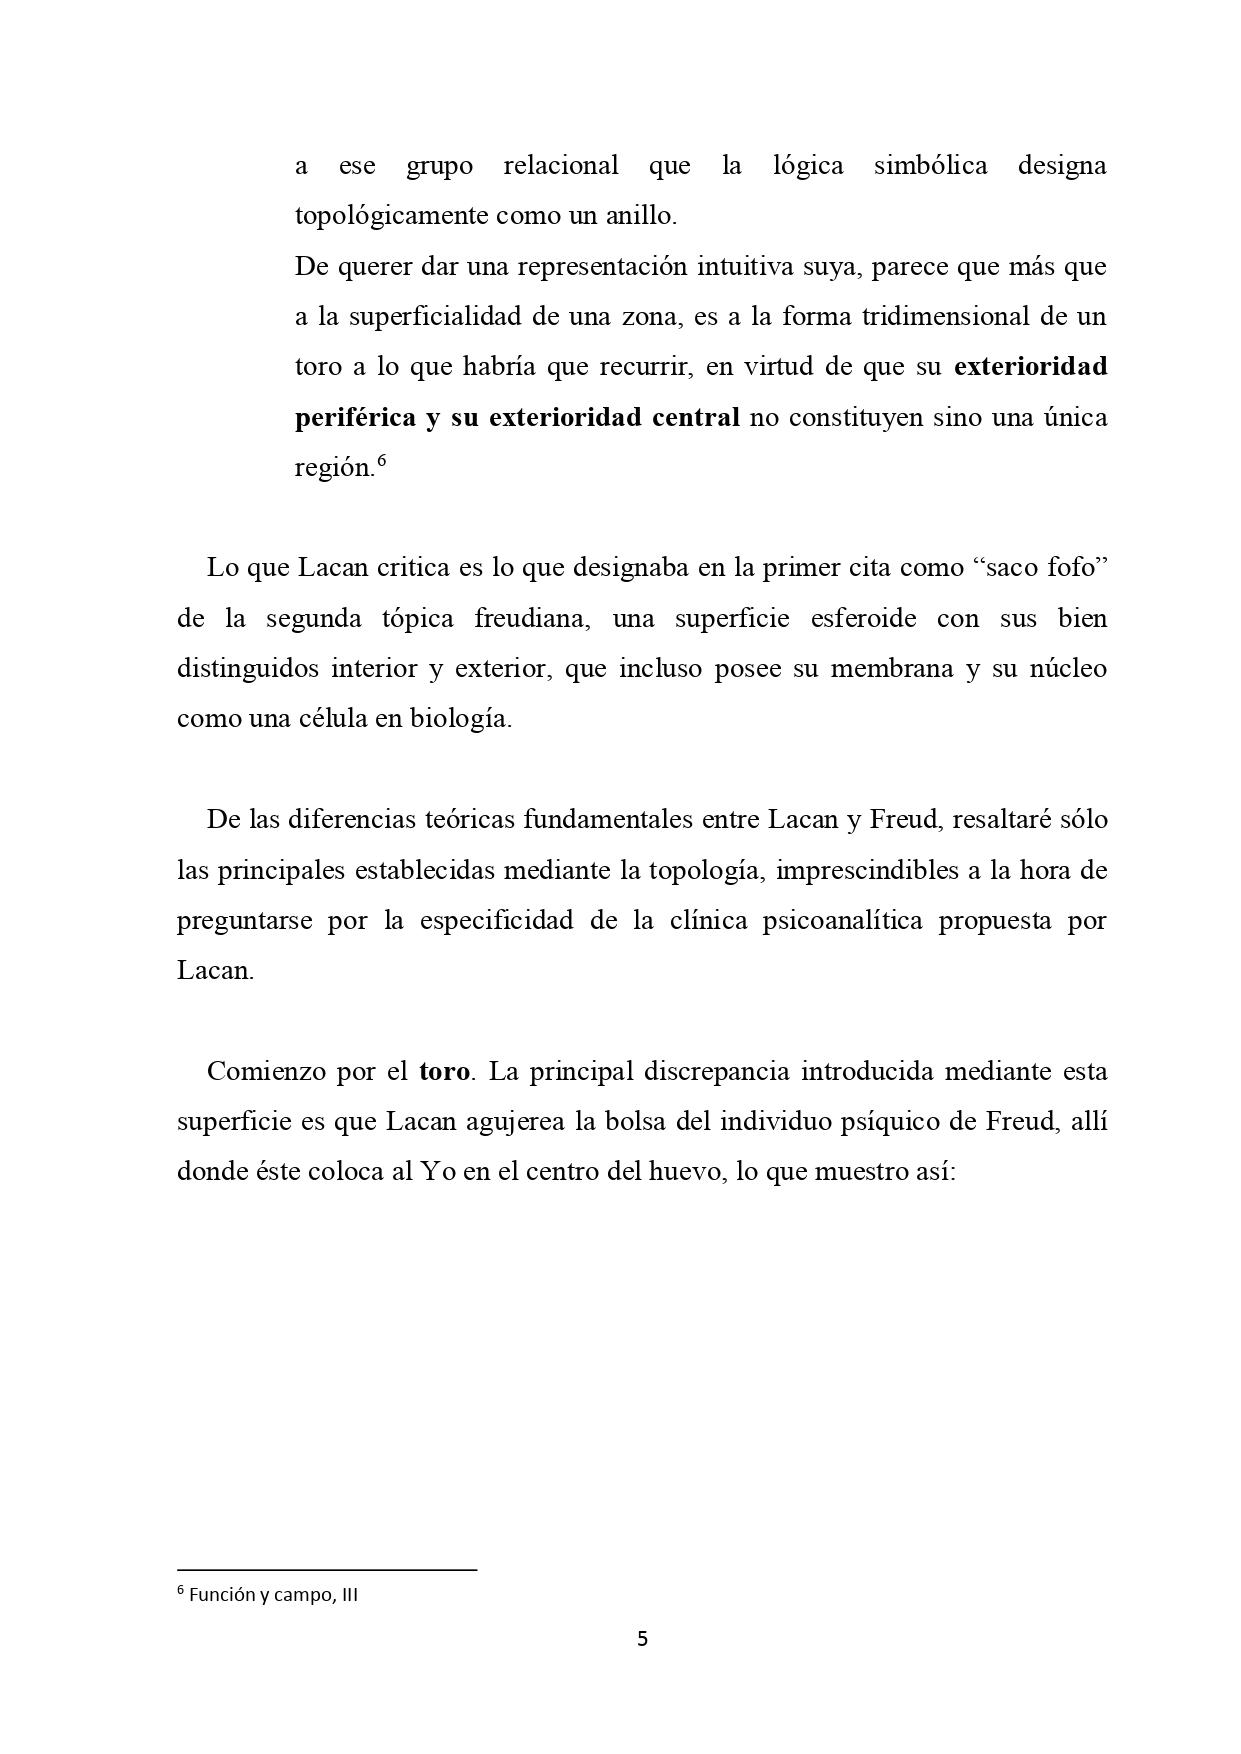 101_La topología de Lacan APOLa 16-4-2020 B (1)_page-0005